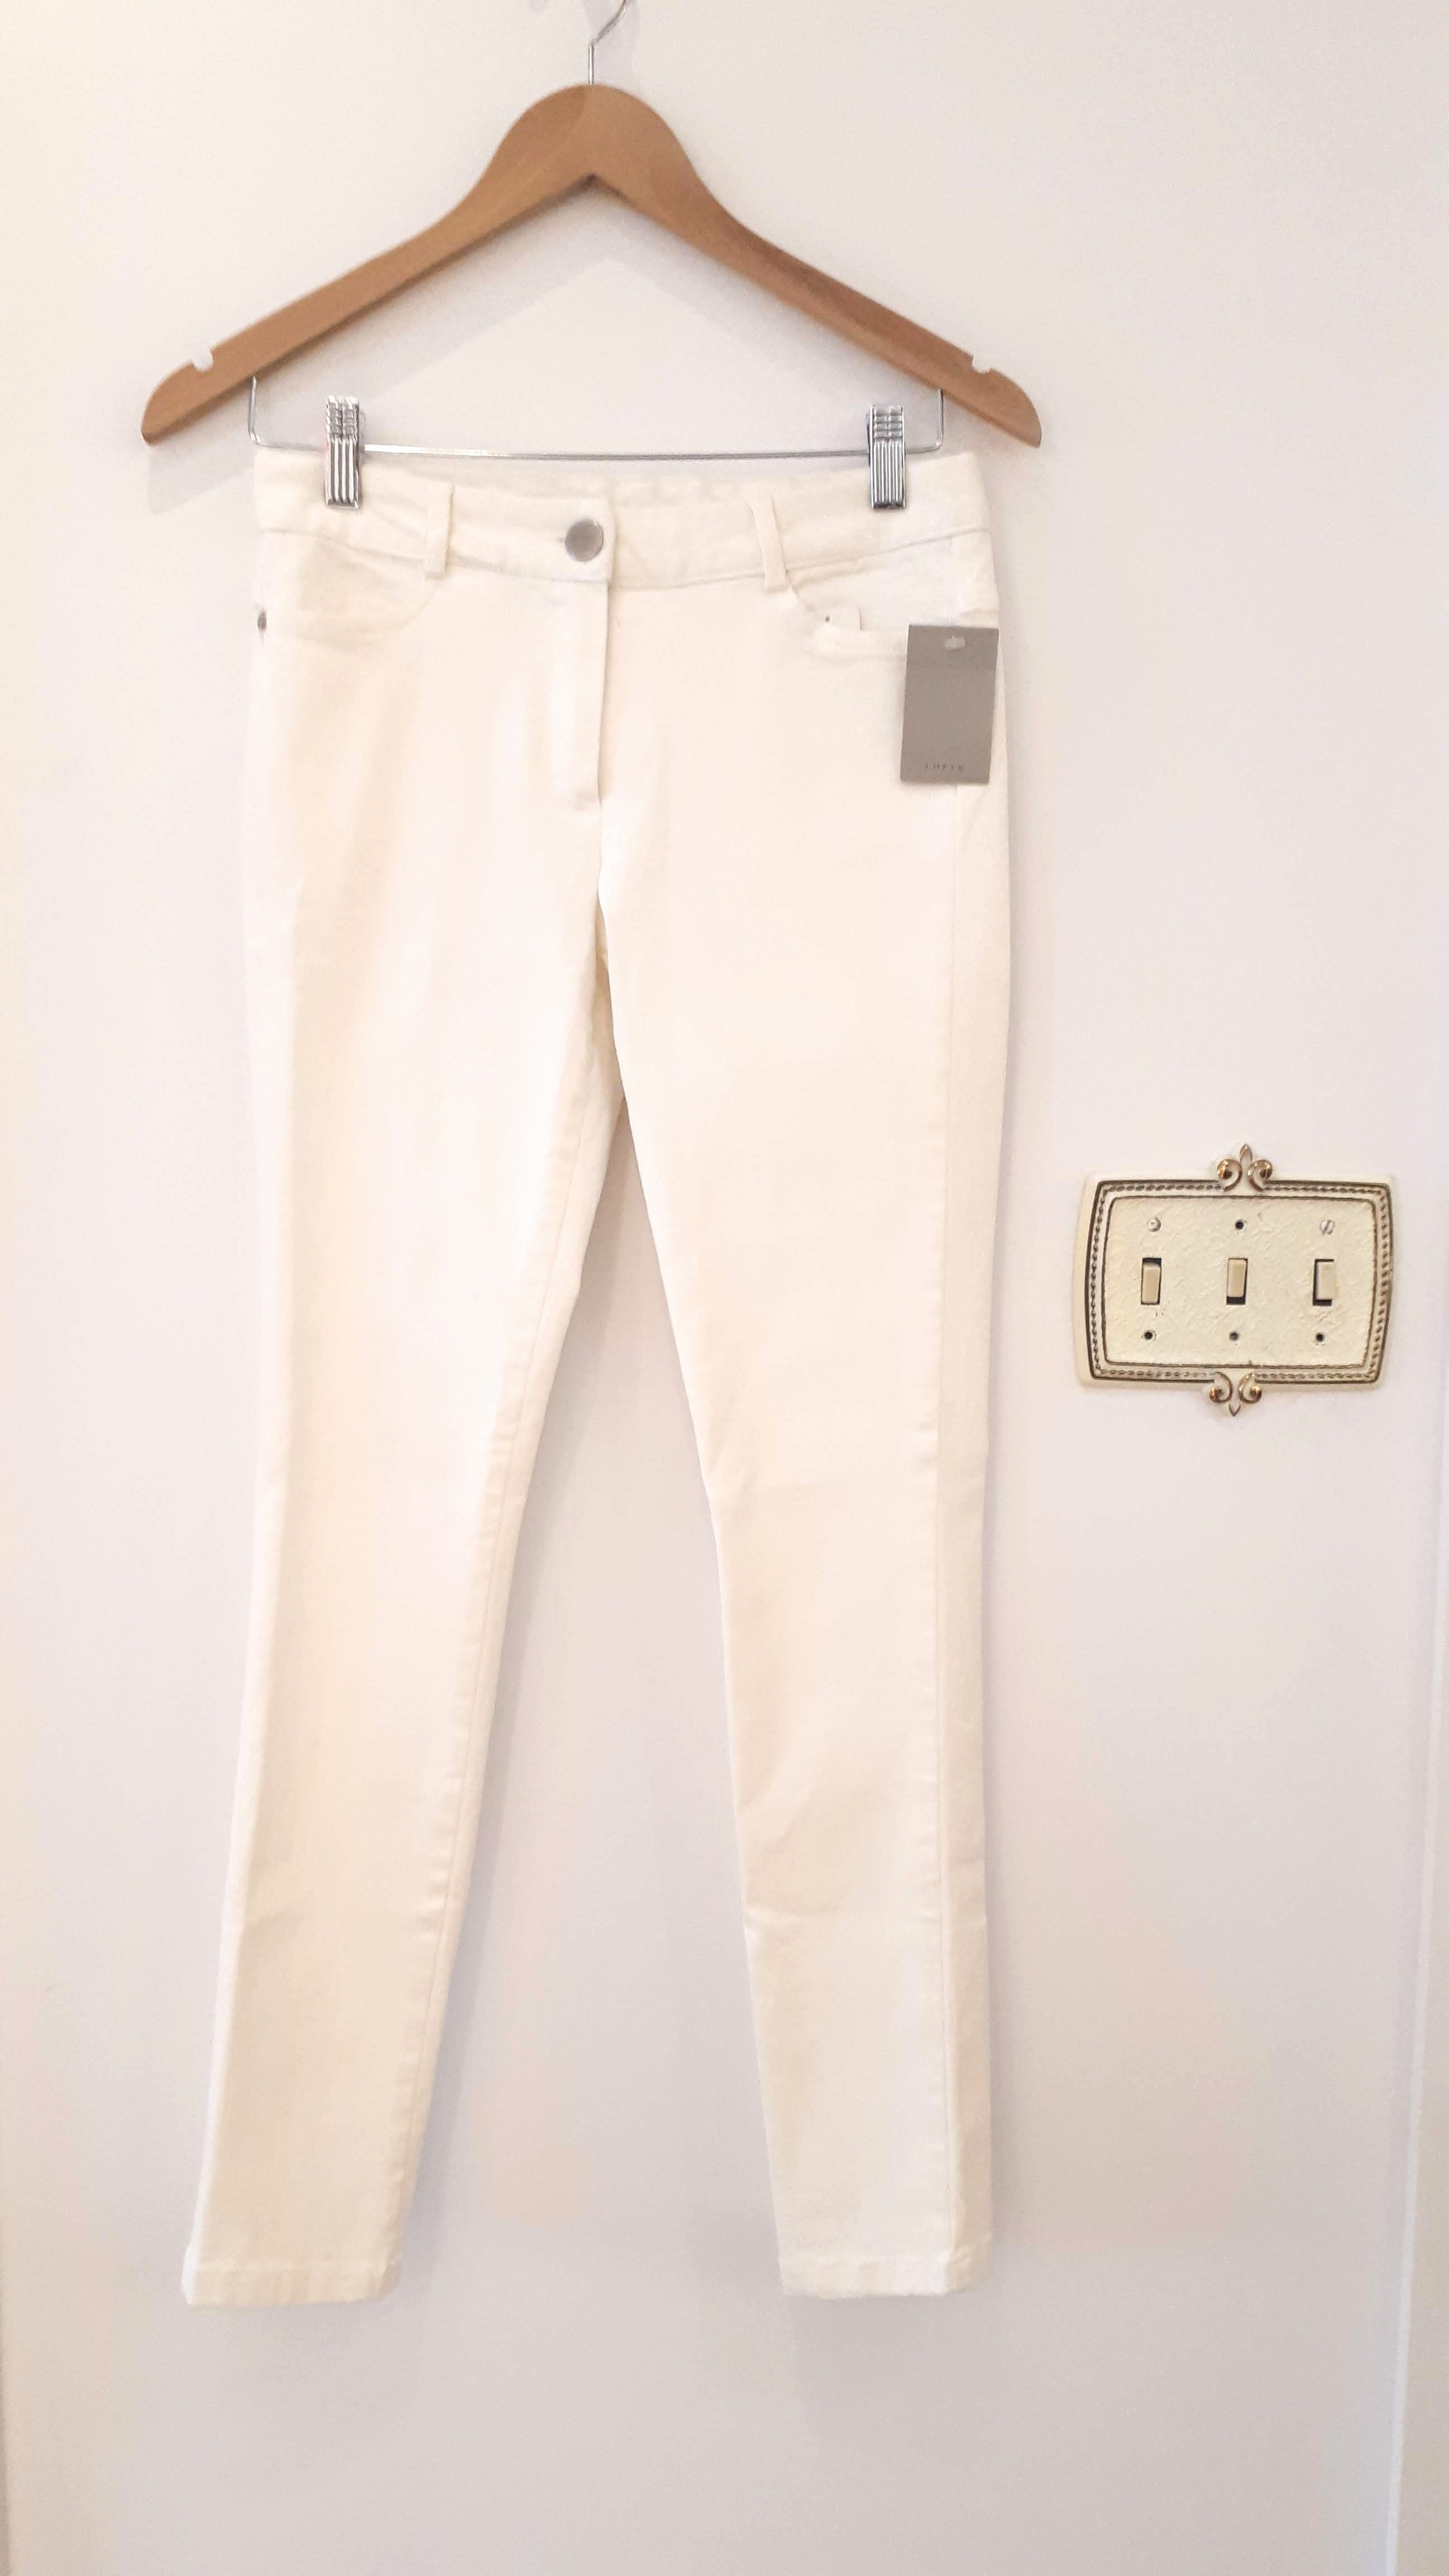 Loft 82 pants (NWT); Size 26, $36